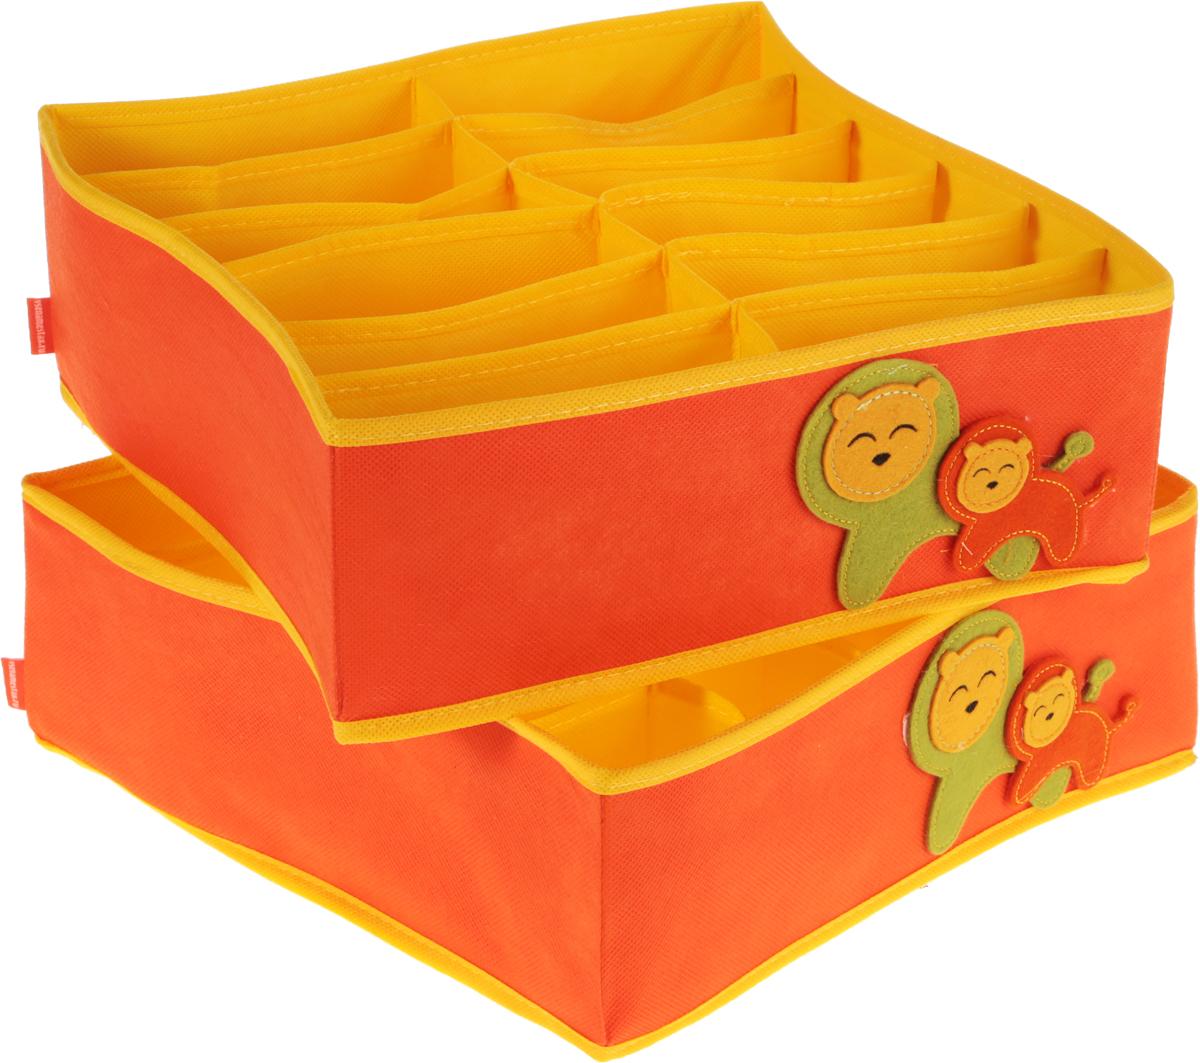 Набор органайзеров для детского белья Все на местах Sunny Jungle, цвет: желтый, оранжевый, 2 шт1071029.Набор органайзеров для детского белья Все на местах Sunny Jungle выполнен из спанбонда и ПВХ, дополнен фетровыми аппликациями. В набор входят два органайзера - в первом есть 20 ячеек для мелких вещей (трусиков, колгот, носочков) и одно широкое отделение. Второй органайзер служит для хранения водолазок, теплых колгот, футболок, в нем 12 отделений. Размеры набора позволяют разместить его в любом комоде или на полках в шкафу. Стенки органайзеров укреплены пластиком. В дно вшиты молнии, поэтому их можно быстро сложить, если необходимость в них отпадет. Размеры: органайзер № 1 - 32 х32 х 12 см, 12 продольных ячеек размером 16 х 5,3 см; органайзер № 2: 32 х32 х 12,1 см, продольная ячейка 32 х 6,4 см; 20 квадратных ячеек размером 6,4 х 6,4 см.